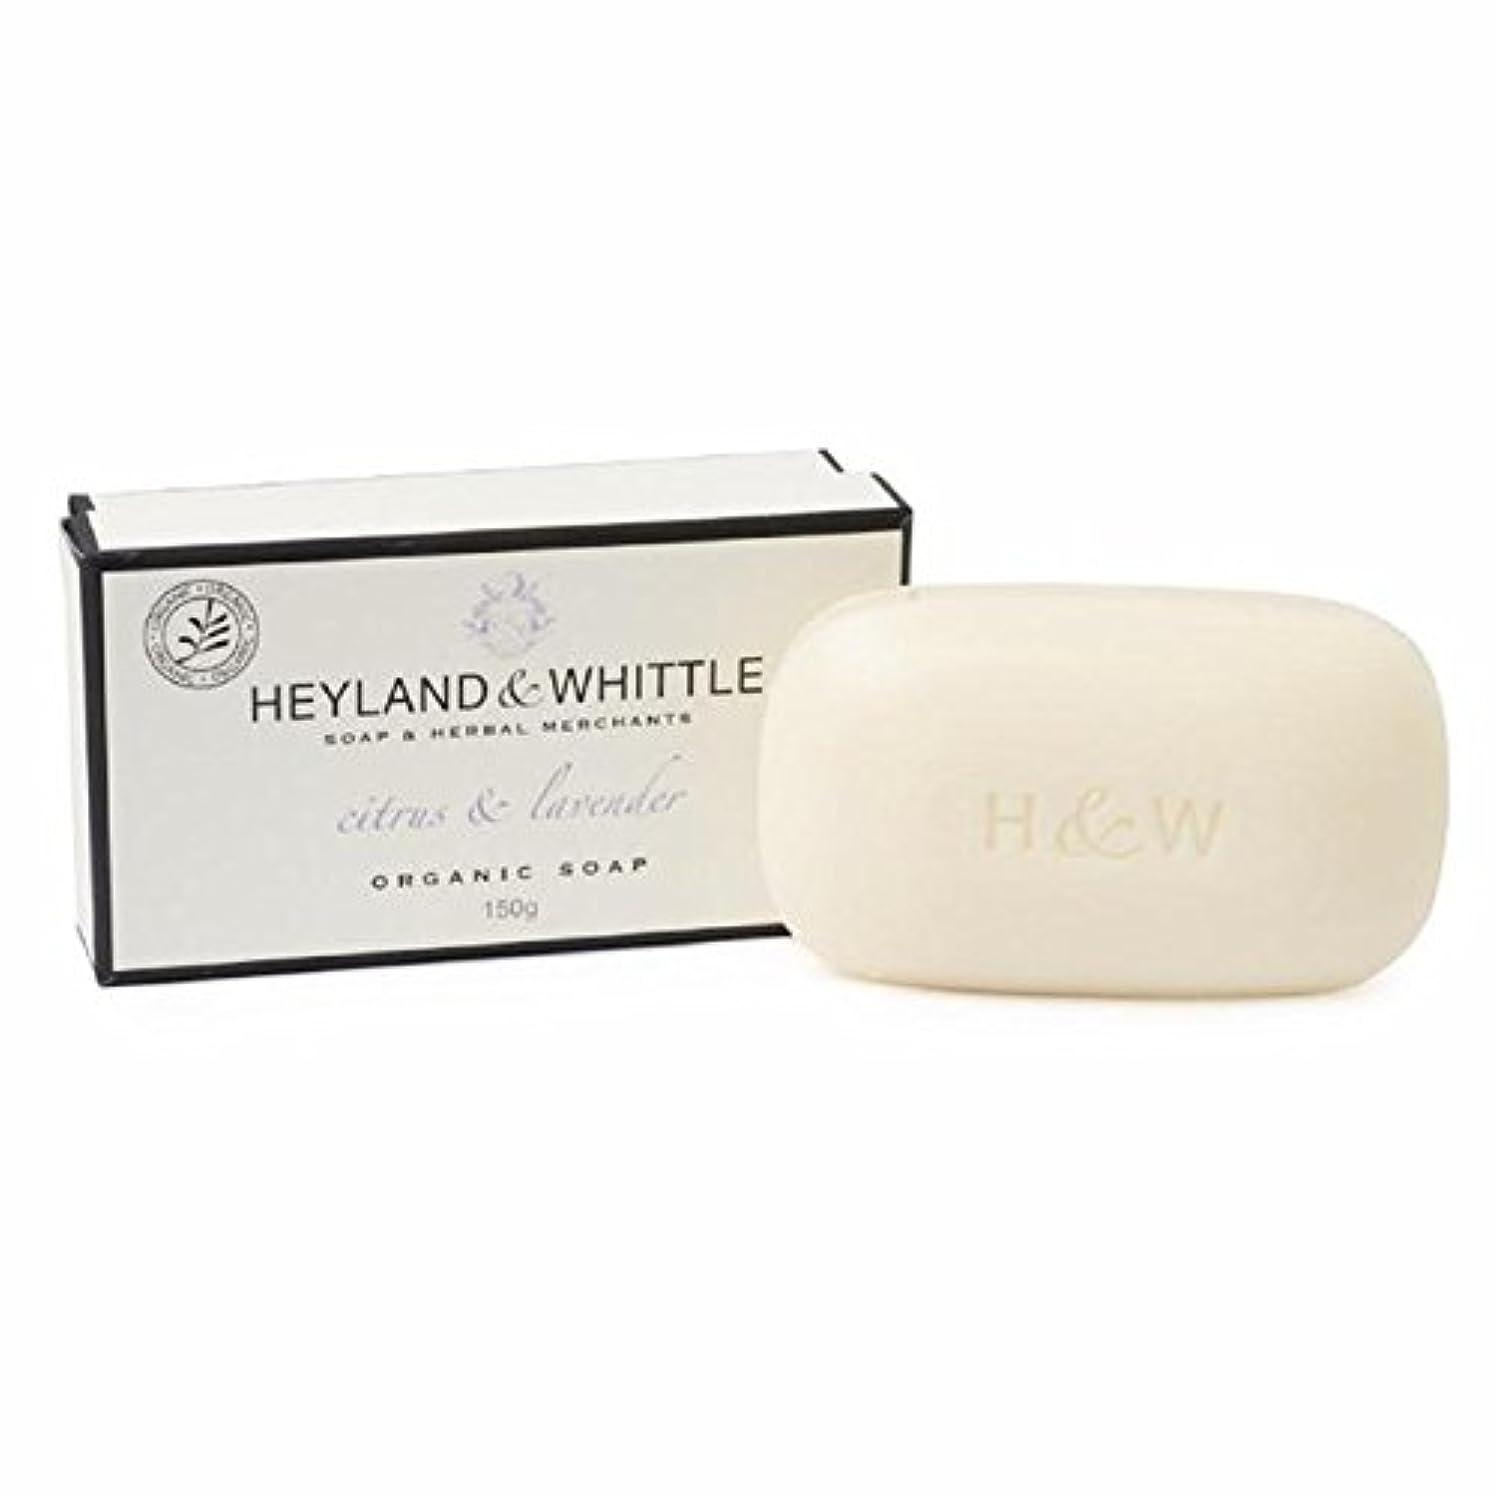 どうやら悪質な腹痛Heyland & Whittle Citrus & Lavender Boxed Organic Soap 150g (Pack of 6) - &削るシトラス&ラベンダーは、有機石鹸150グラム箱入り x6 [並行輸入品]